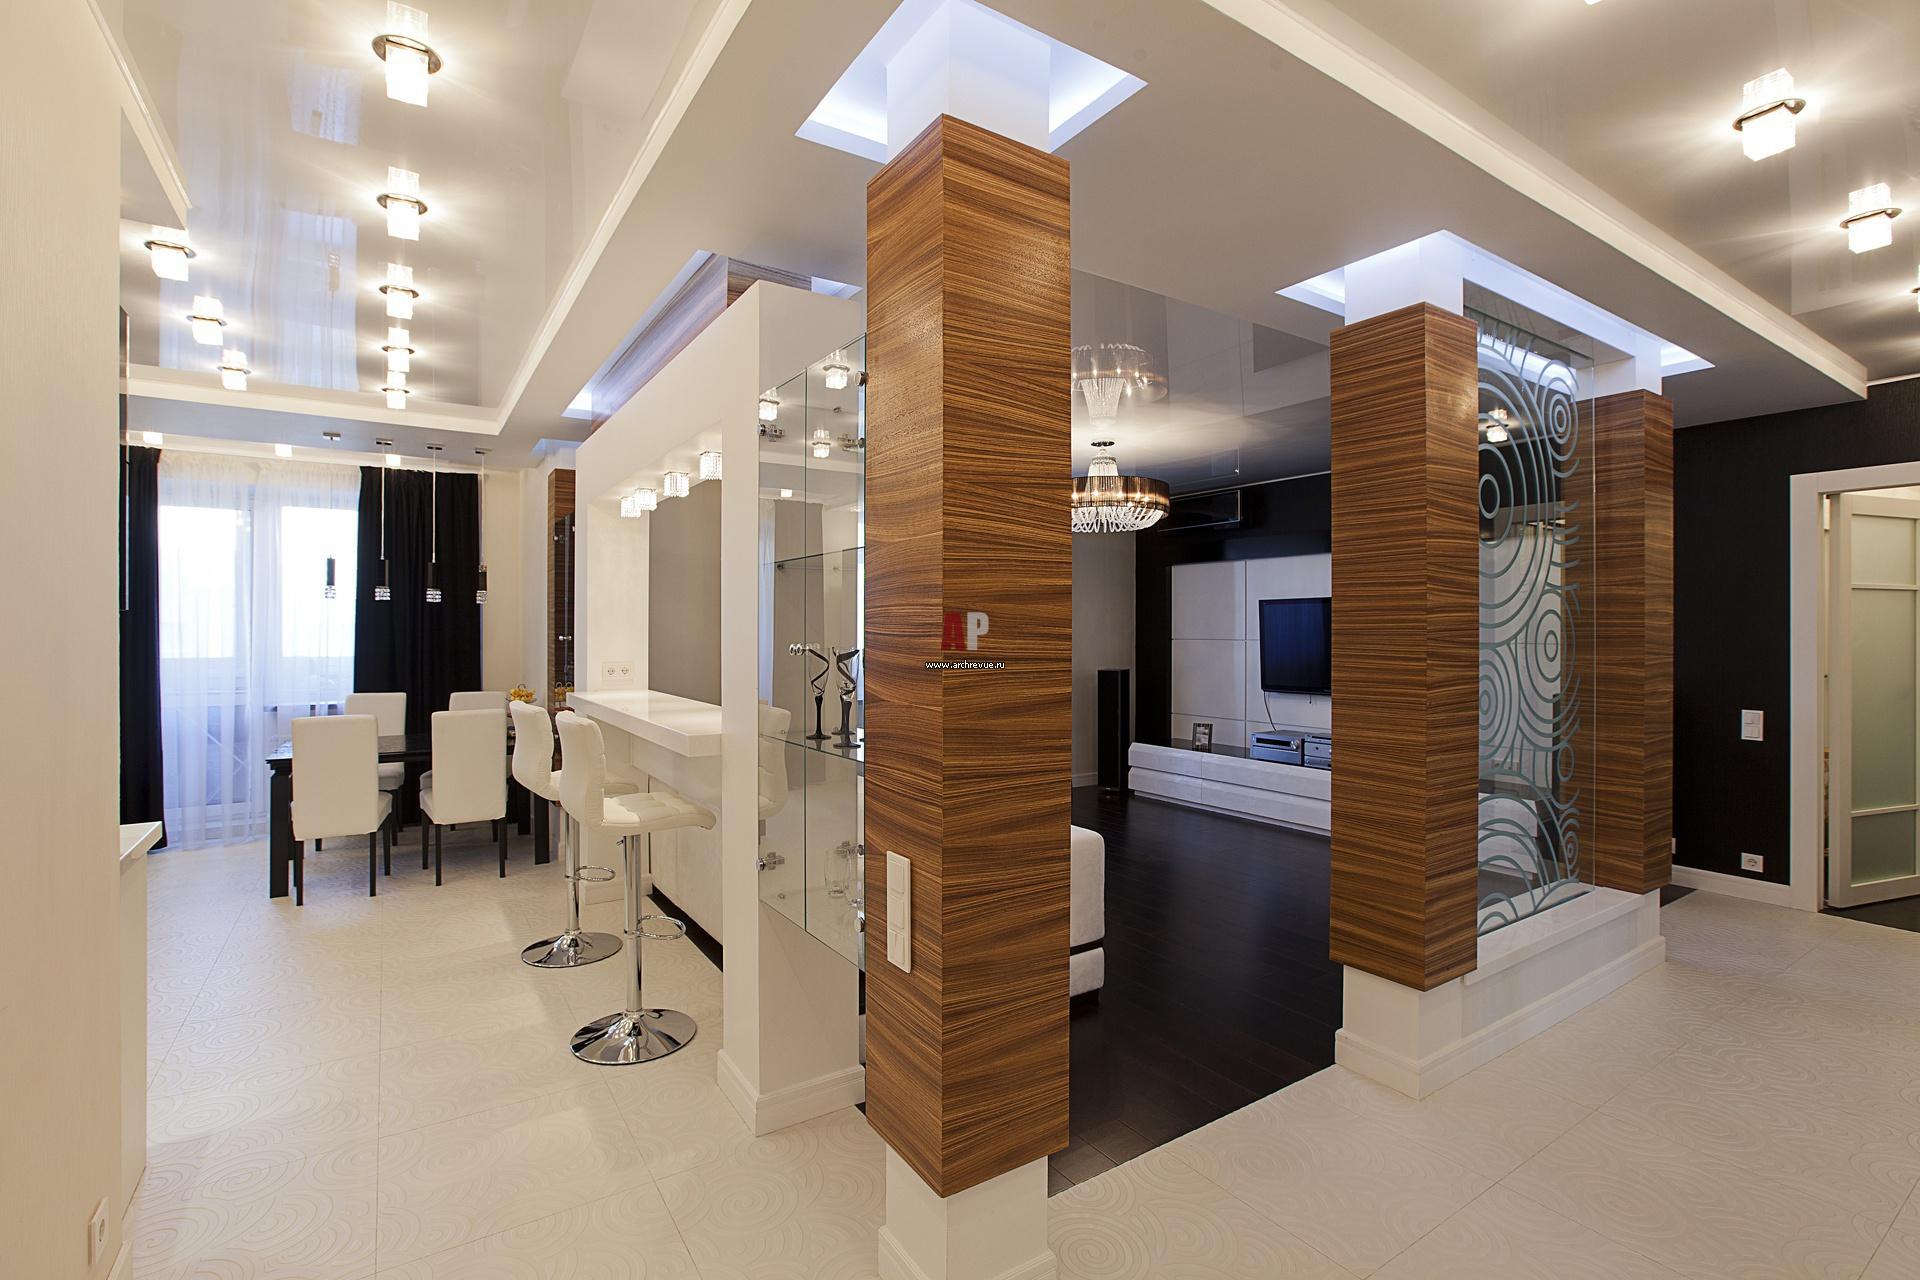 Колонны в интерьере квартиры - лучшие варианты использования, фото